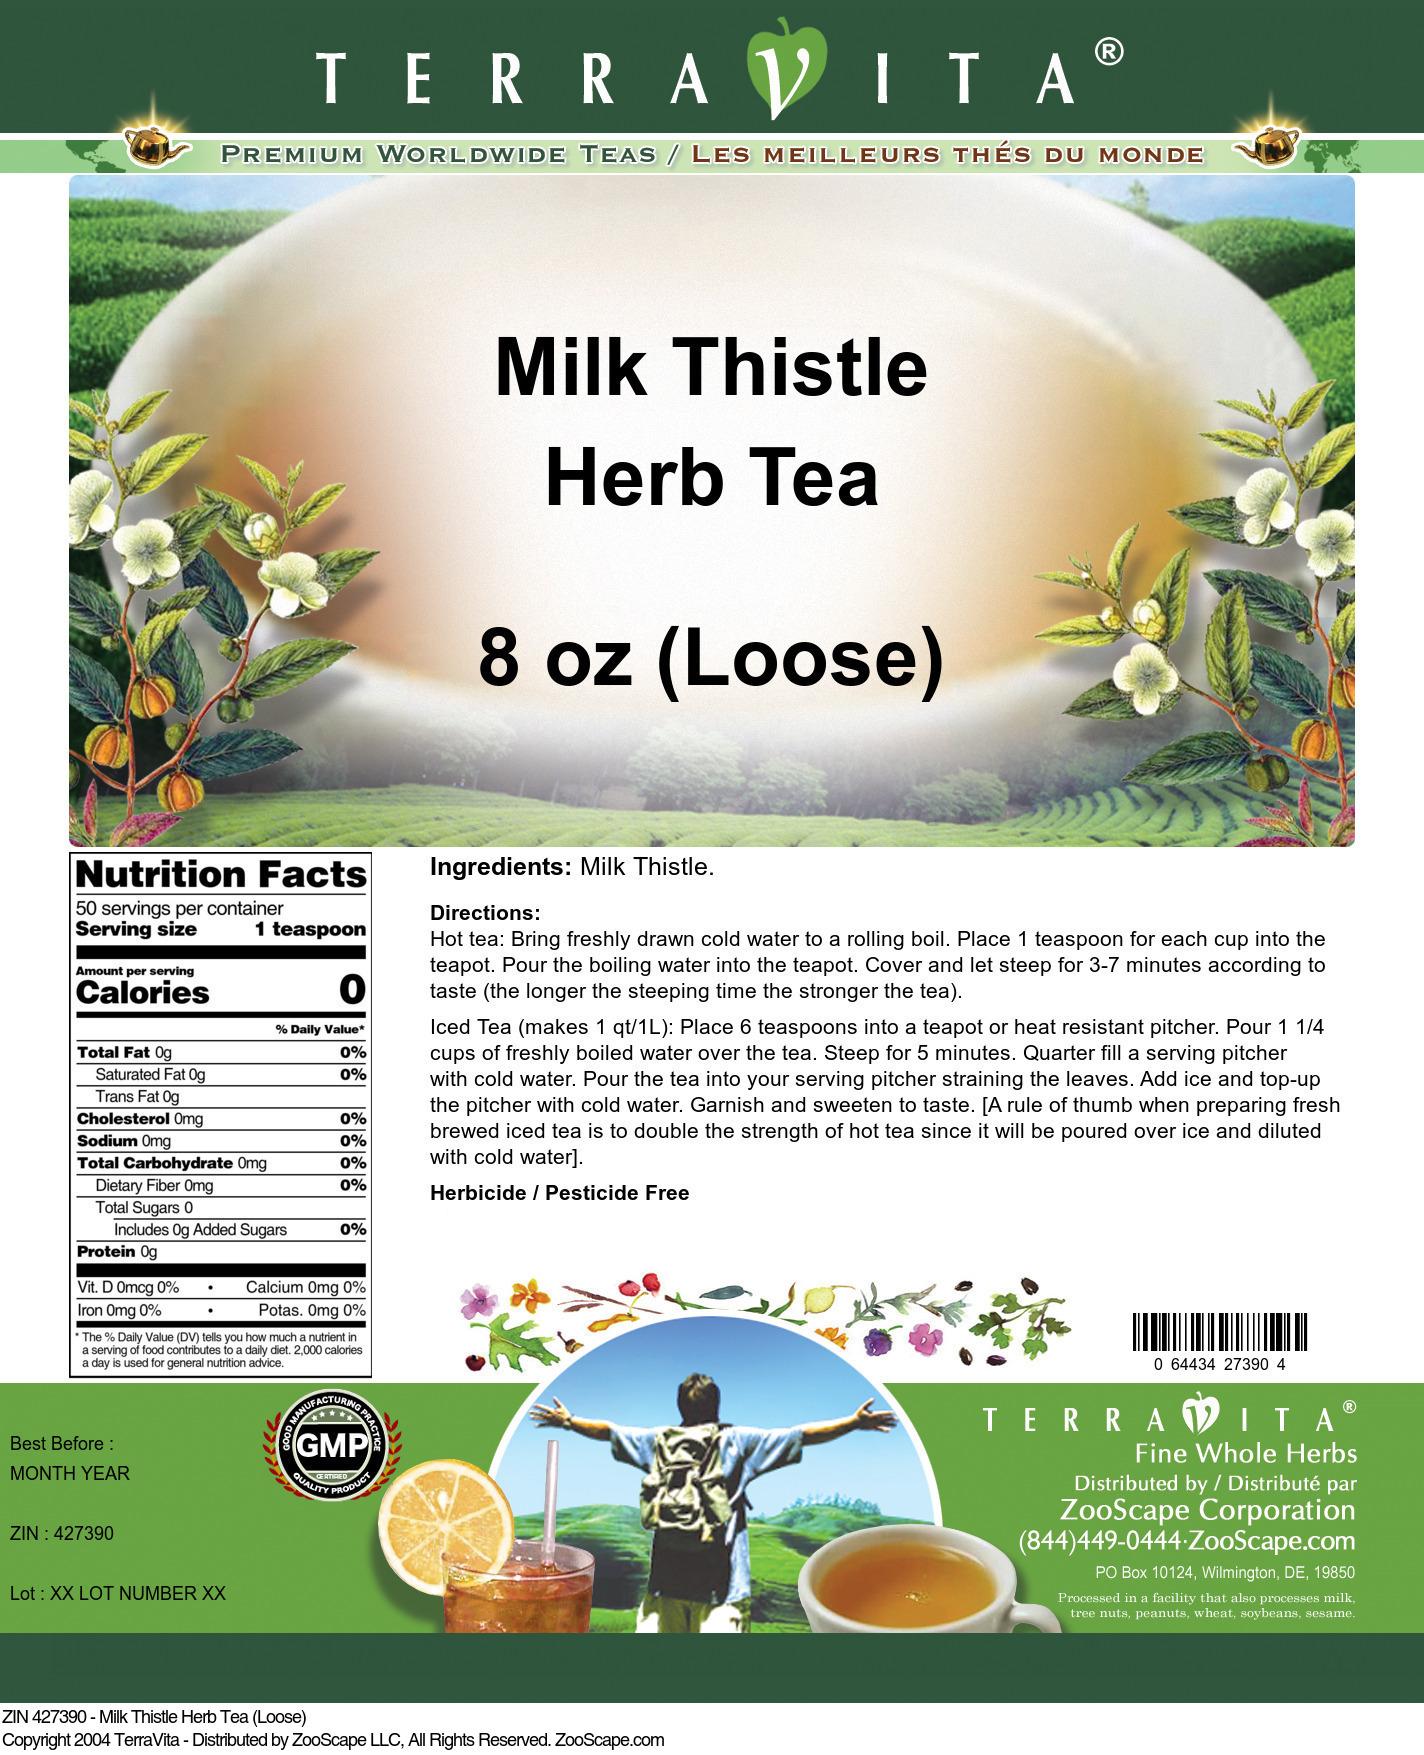 Milk Thistle Herb Tea (Loose)